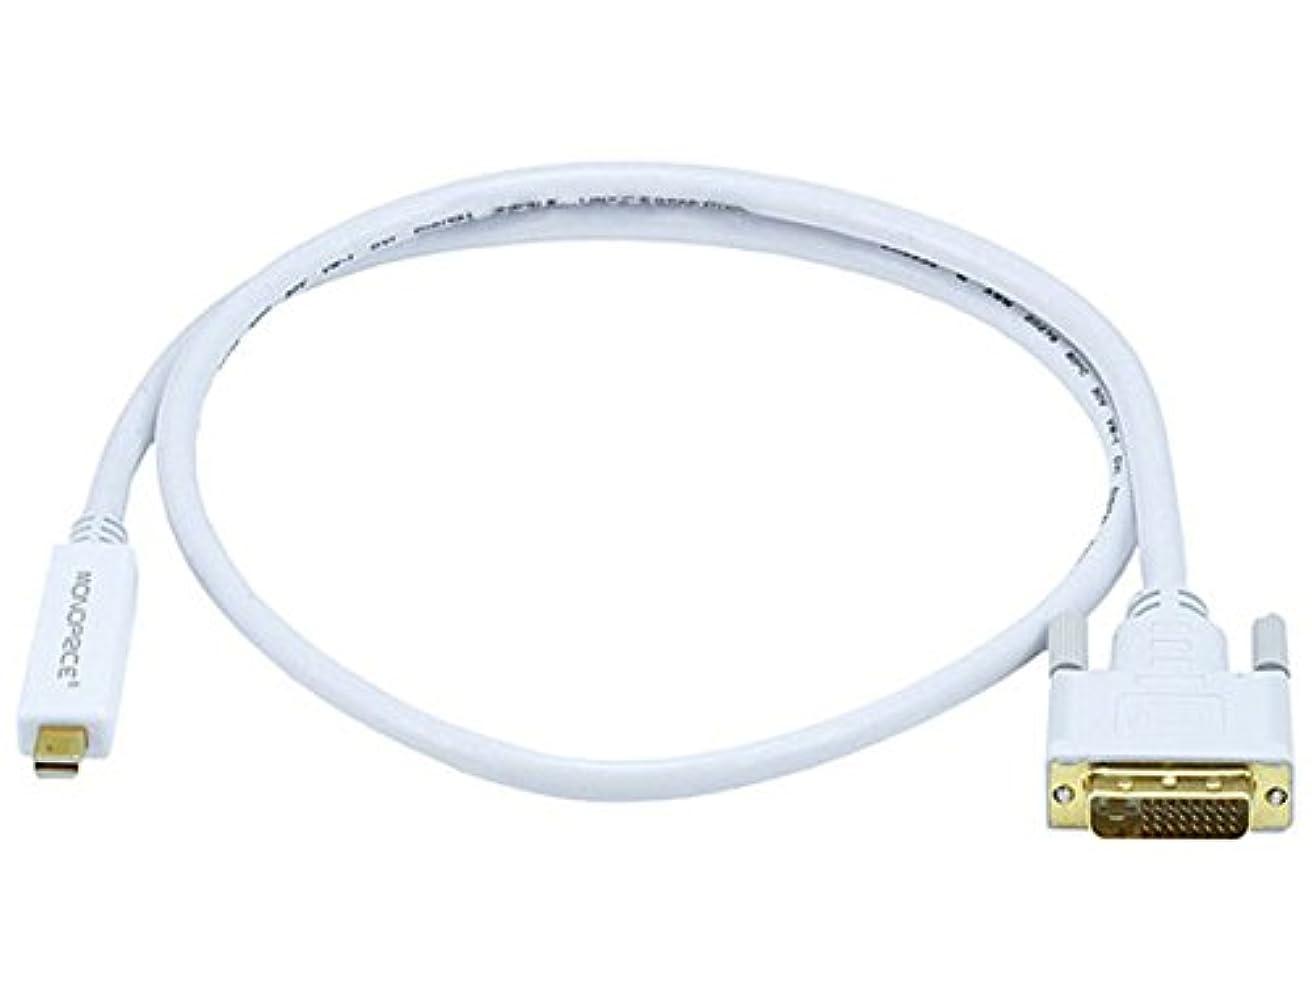 アカデミック全国今日Monoprice 3ft 32AWG Mini DisplayPort - DVI ケーブル